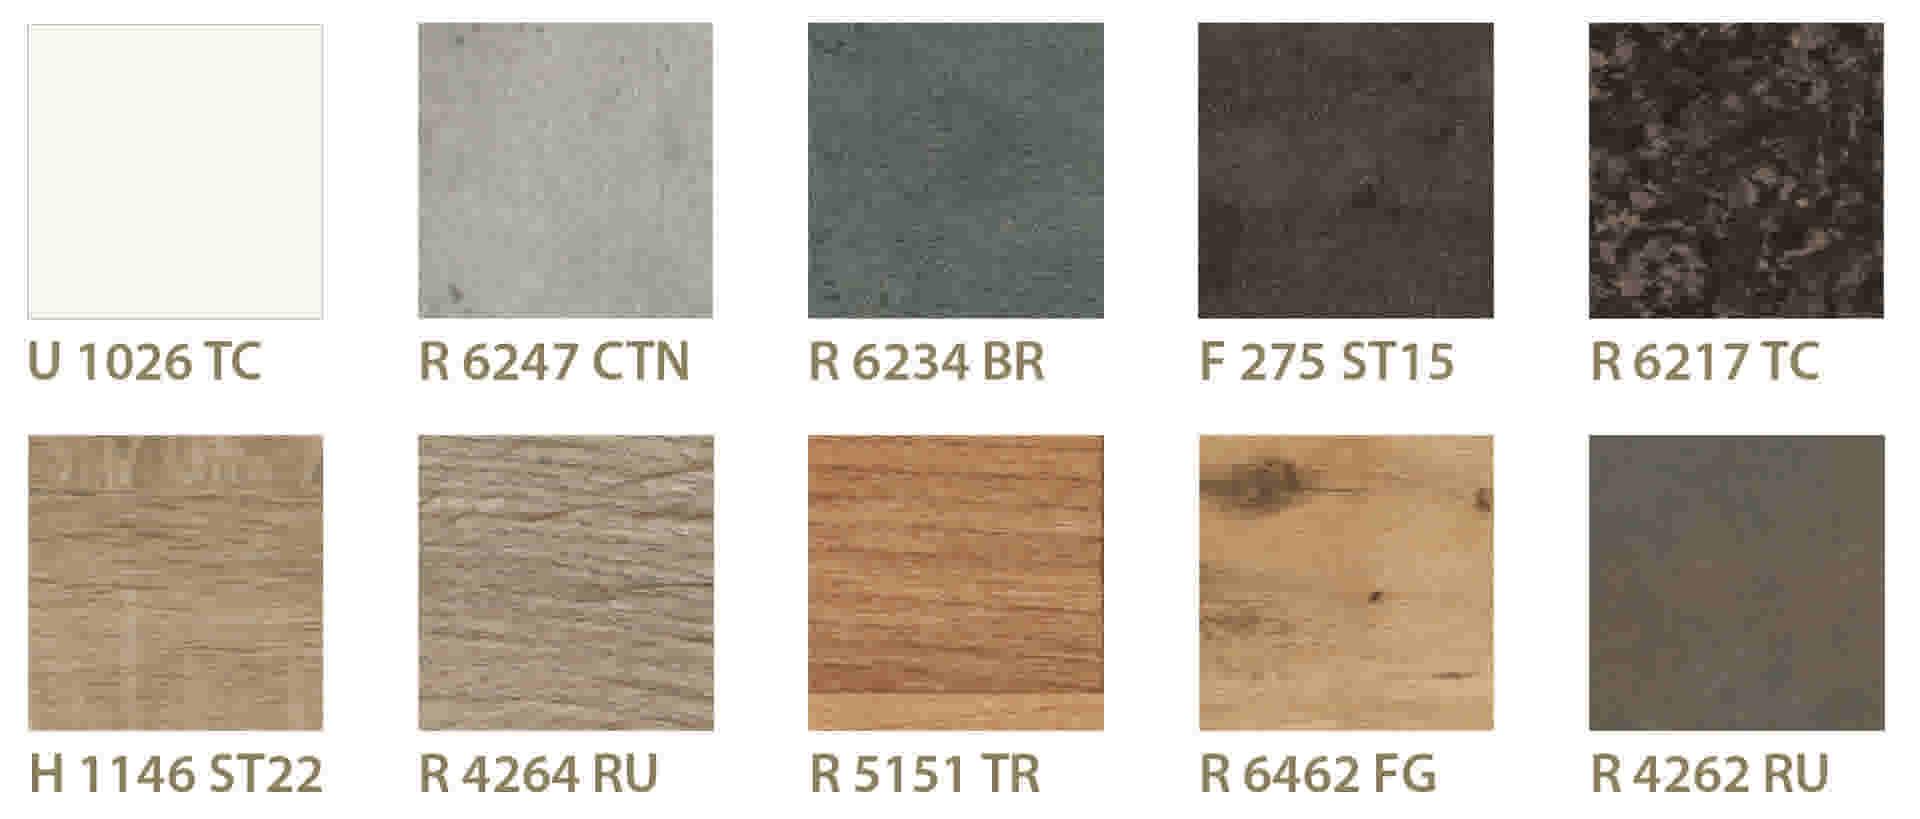 88703f9dd75 Nos plans de travail en composite ont l aspect de la pierre naturelle mais  sont plus faciles à entretenir. La pierre composite n est en effet pas  poreuse.